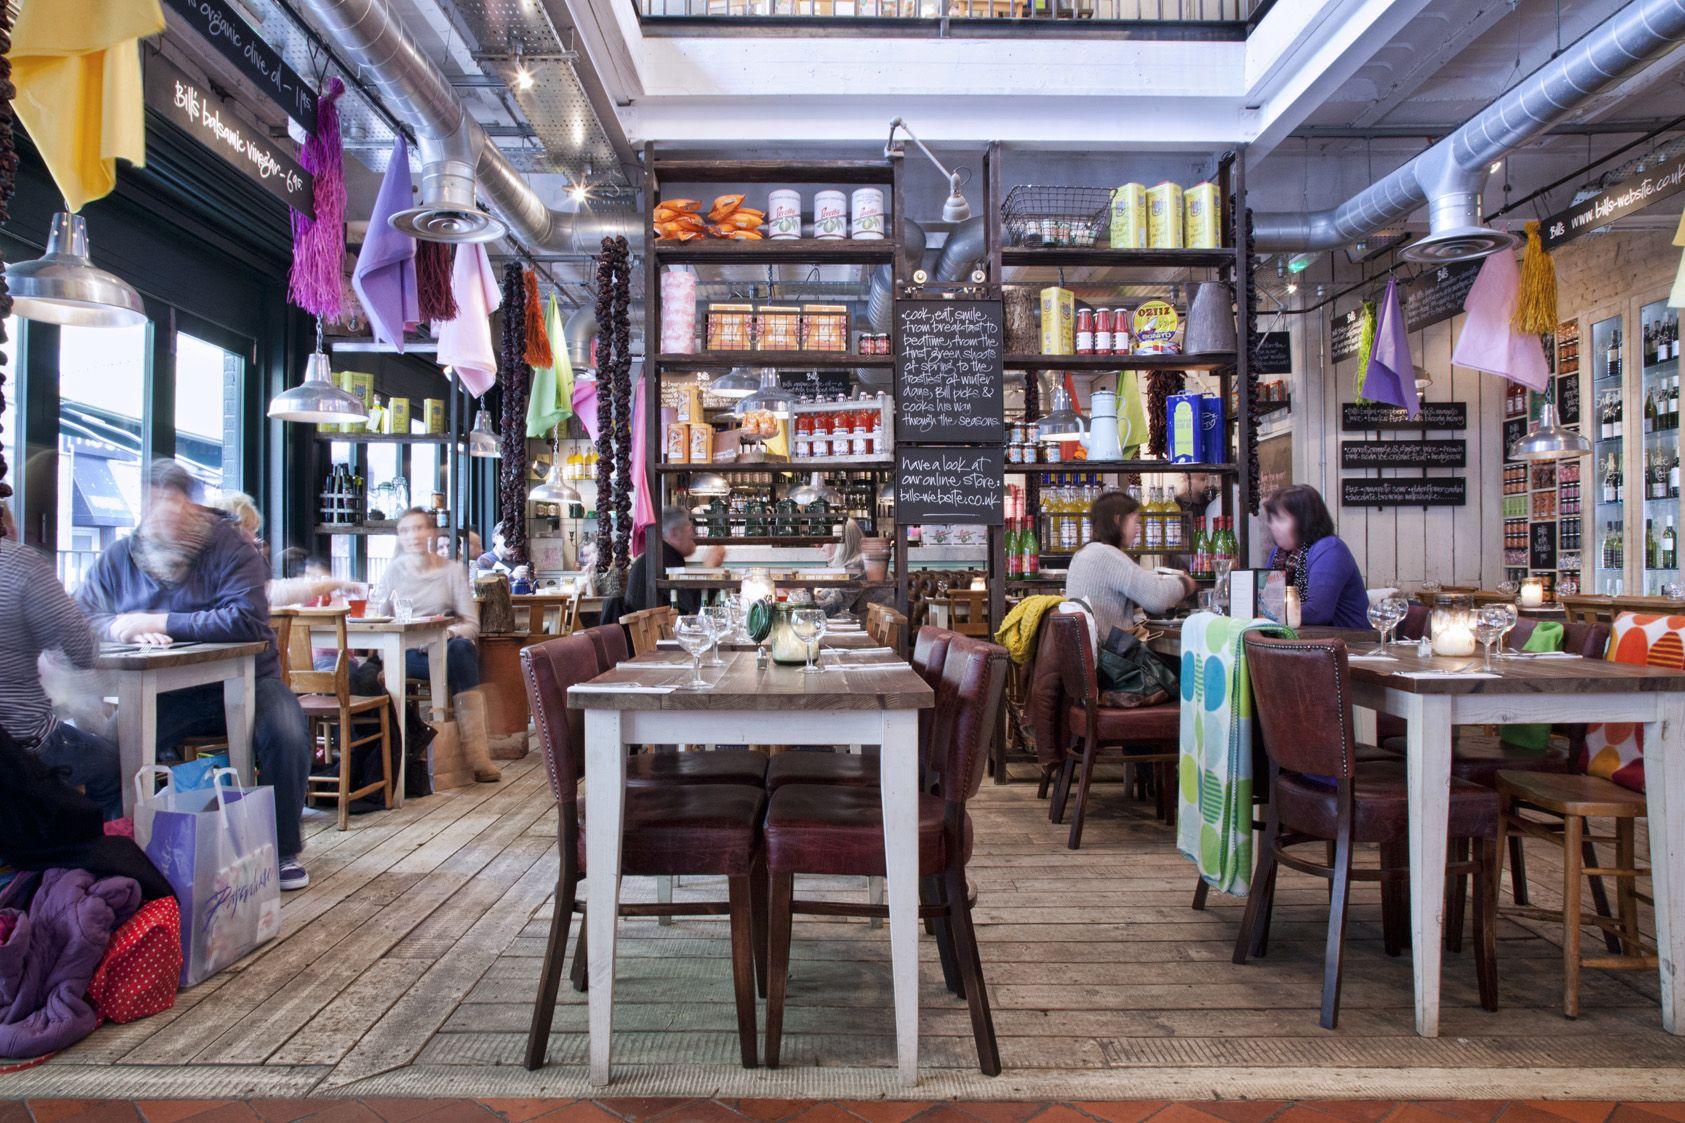 A Colourful Ground Floor Restaurant Interior Restaurant